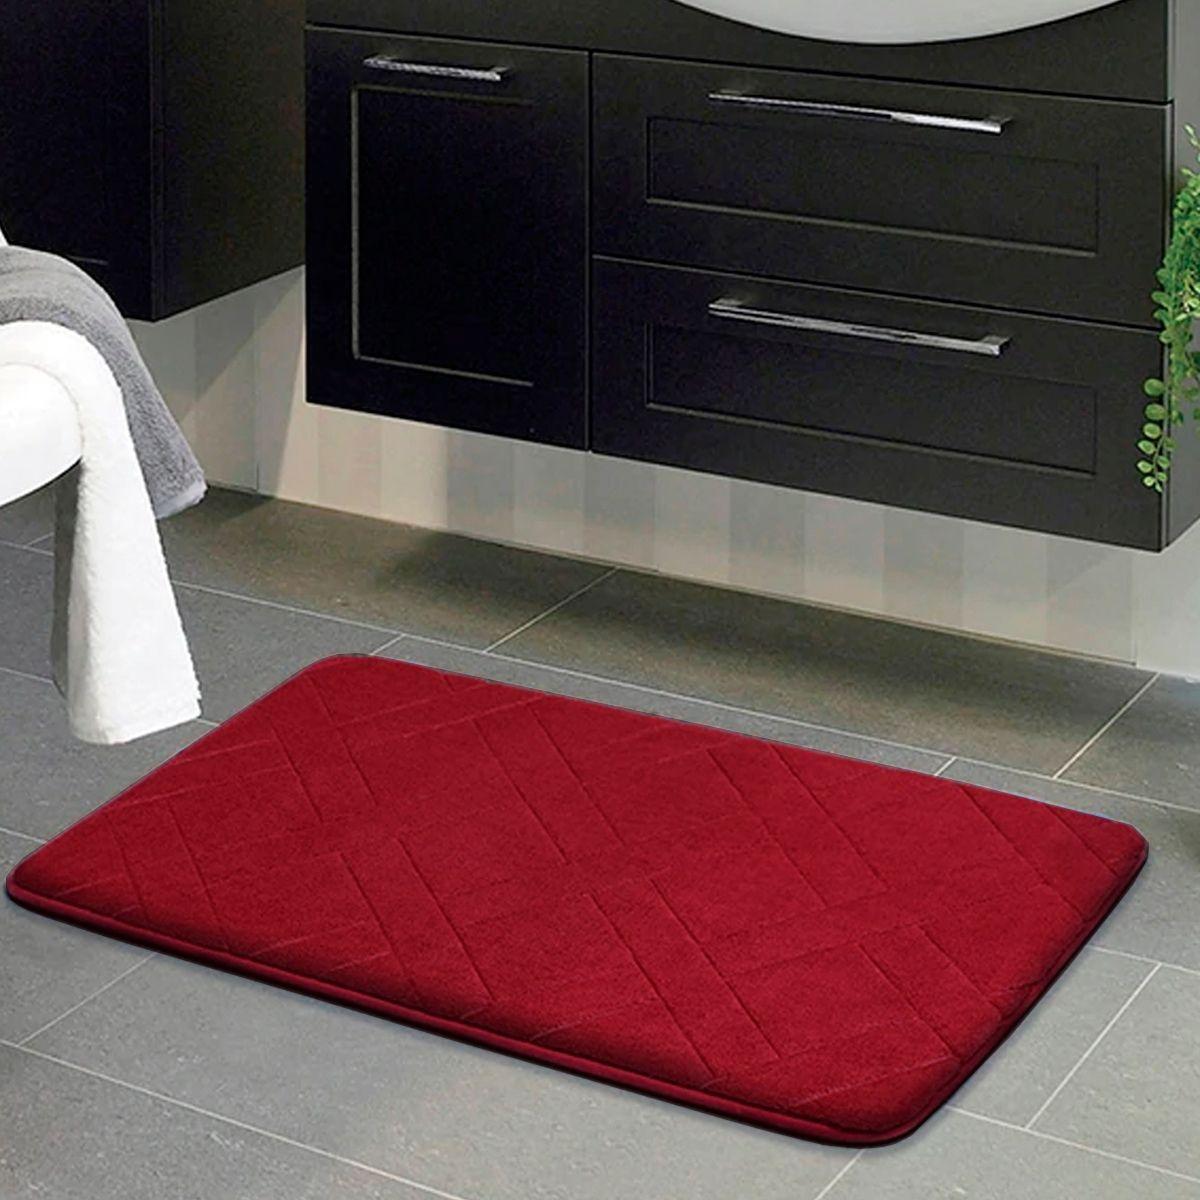 Tapete verona square 40x60 Vermelho